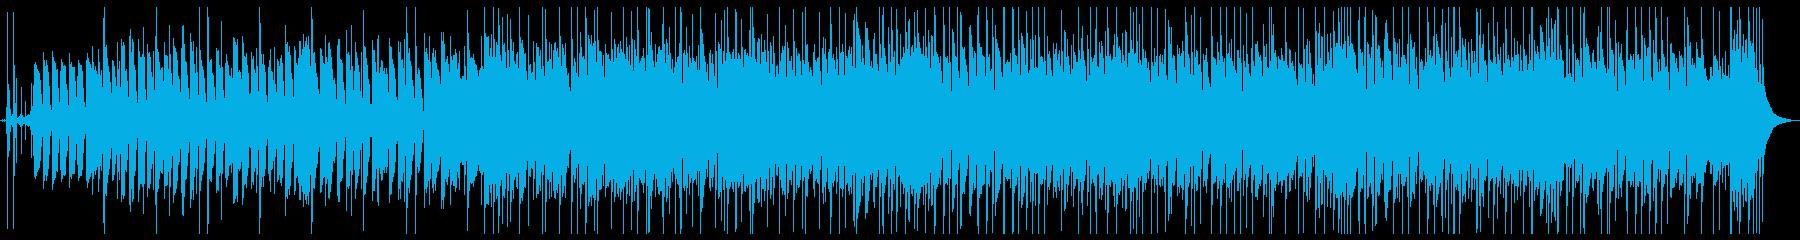 会話の邪魔にならないブルース_ジャズの再生済みの波形